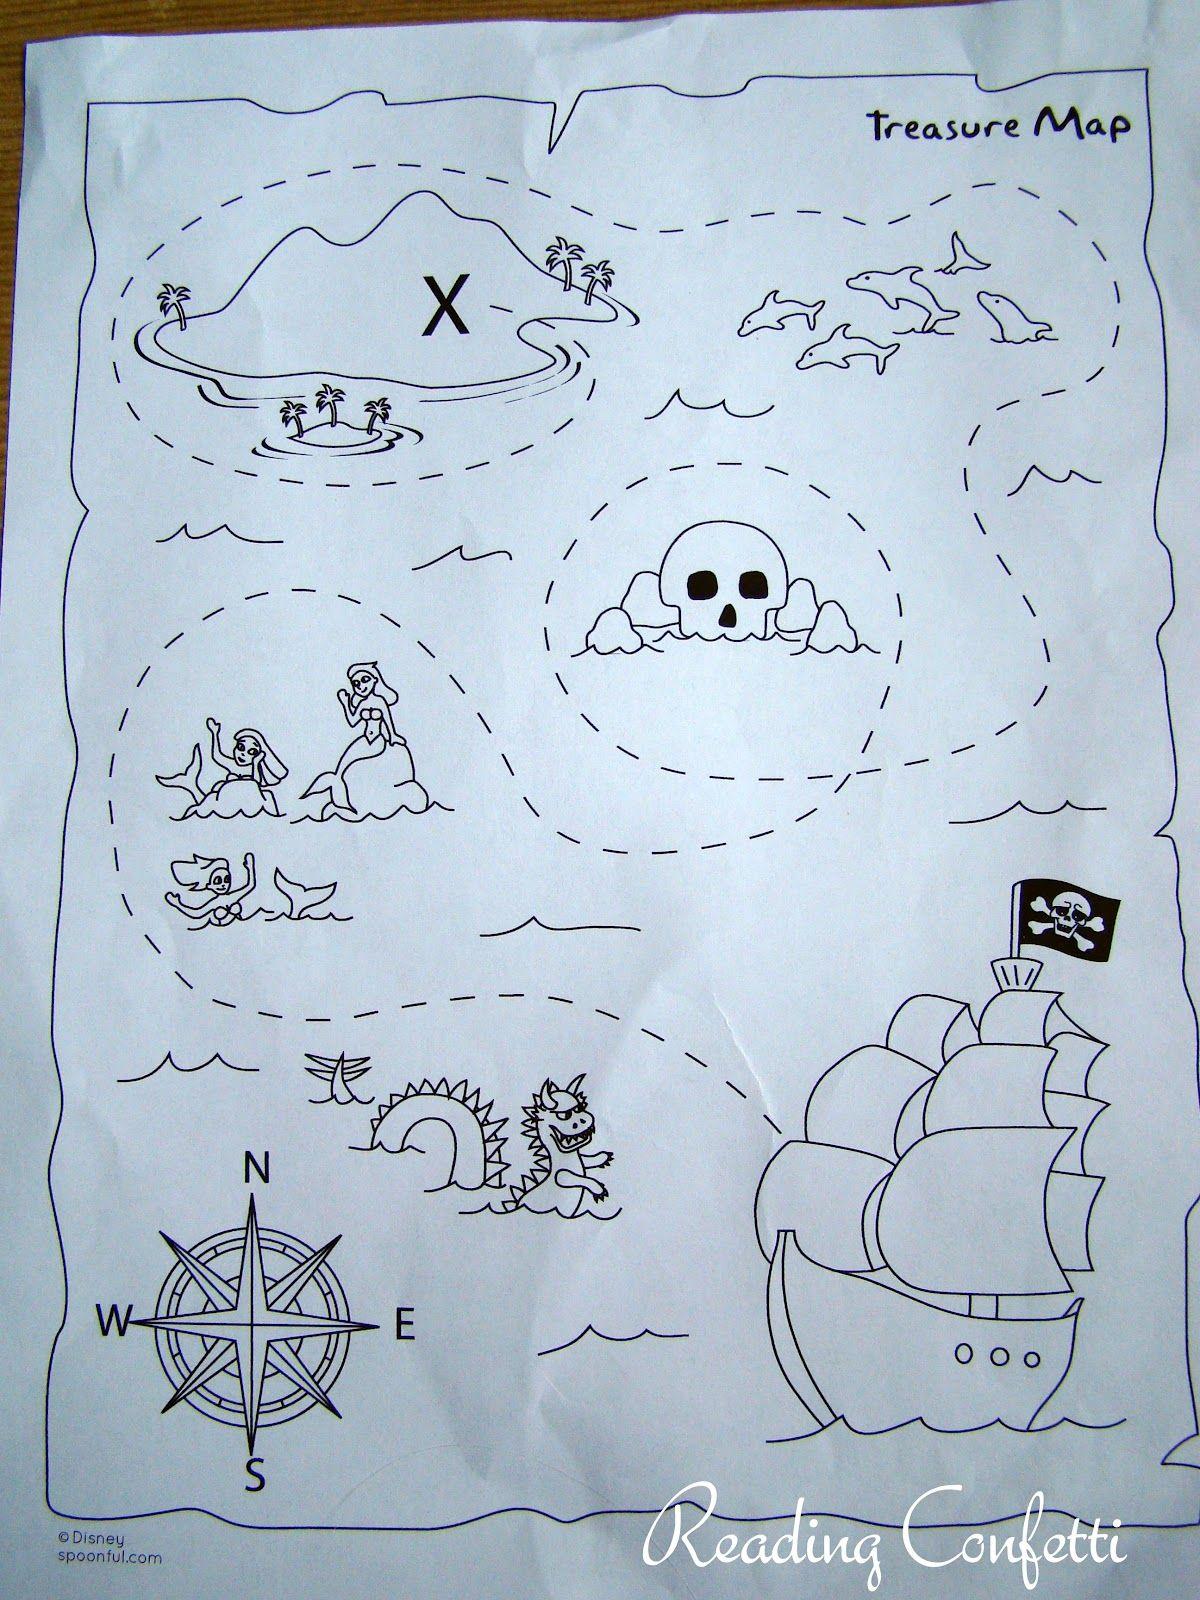 reading confetti preschool treasure maps letter x treasure maps pirate preschool pirate. Black Bedroom Furniture Sets. Home Design Ideas